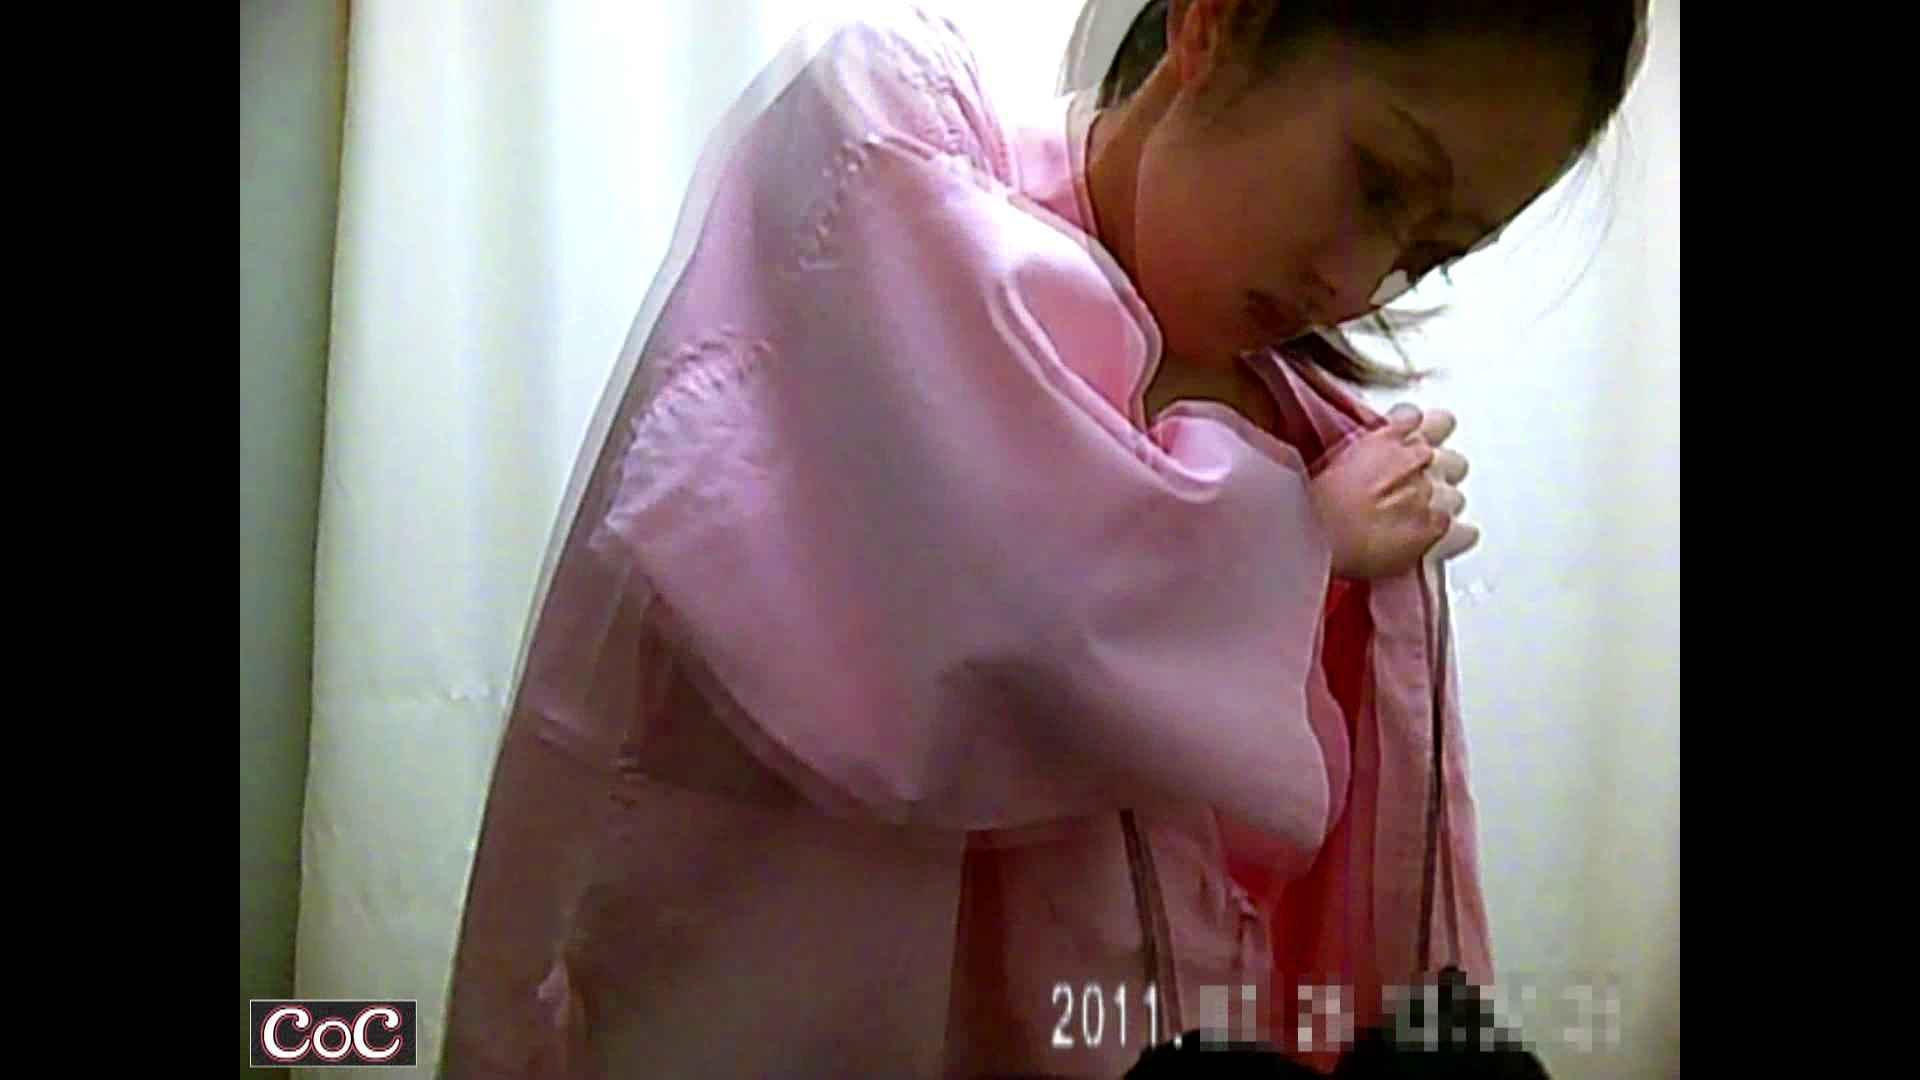 病院おもいっきり着替え! vol.05 HなOL AV動画キャプチャ 99pic 10